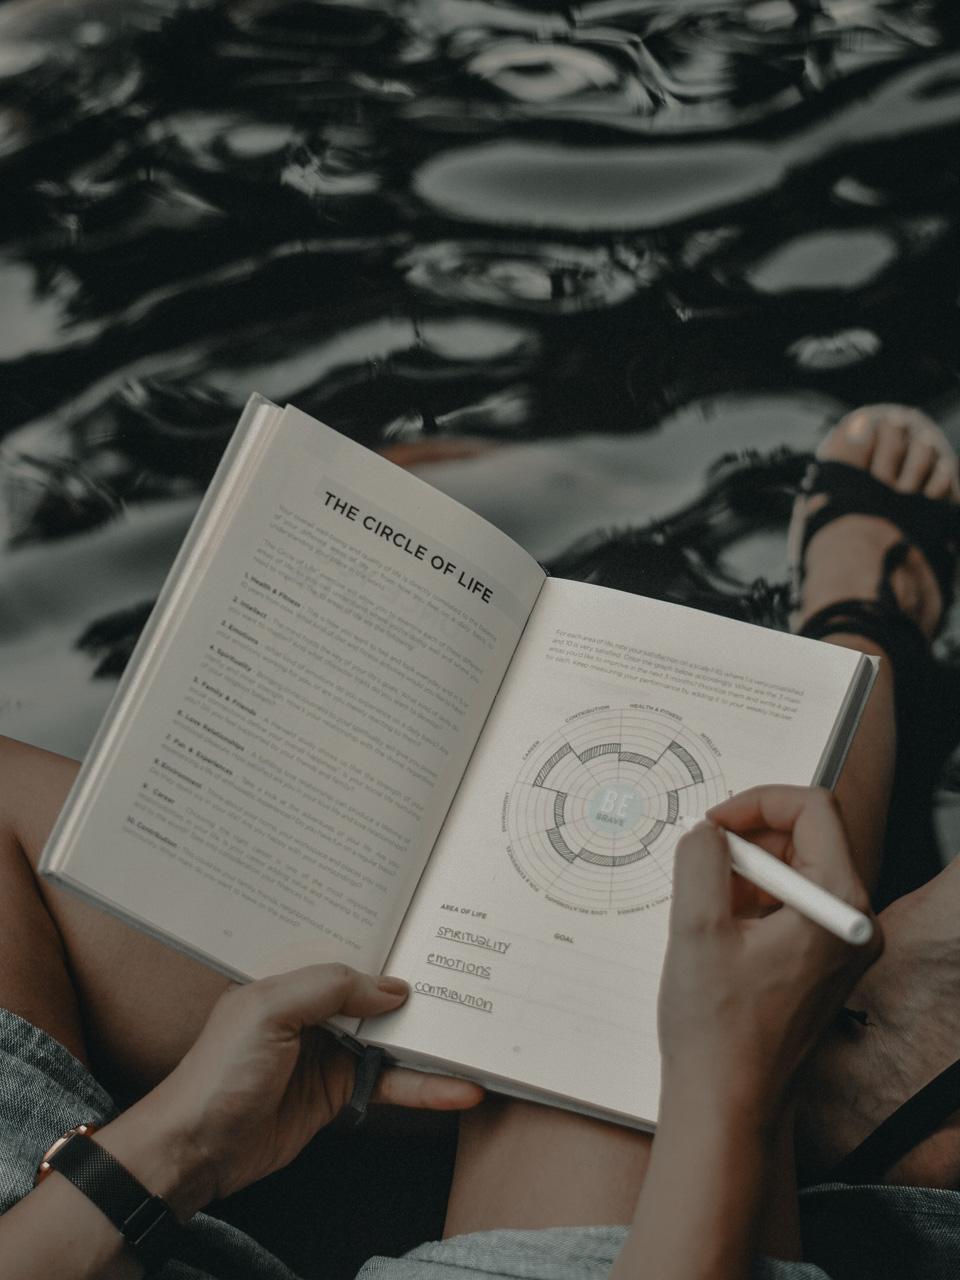 Sélection de livre de developpement personnel - Kallisteha, voyages et vérités